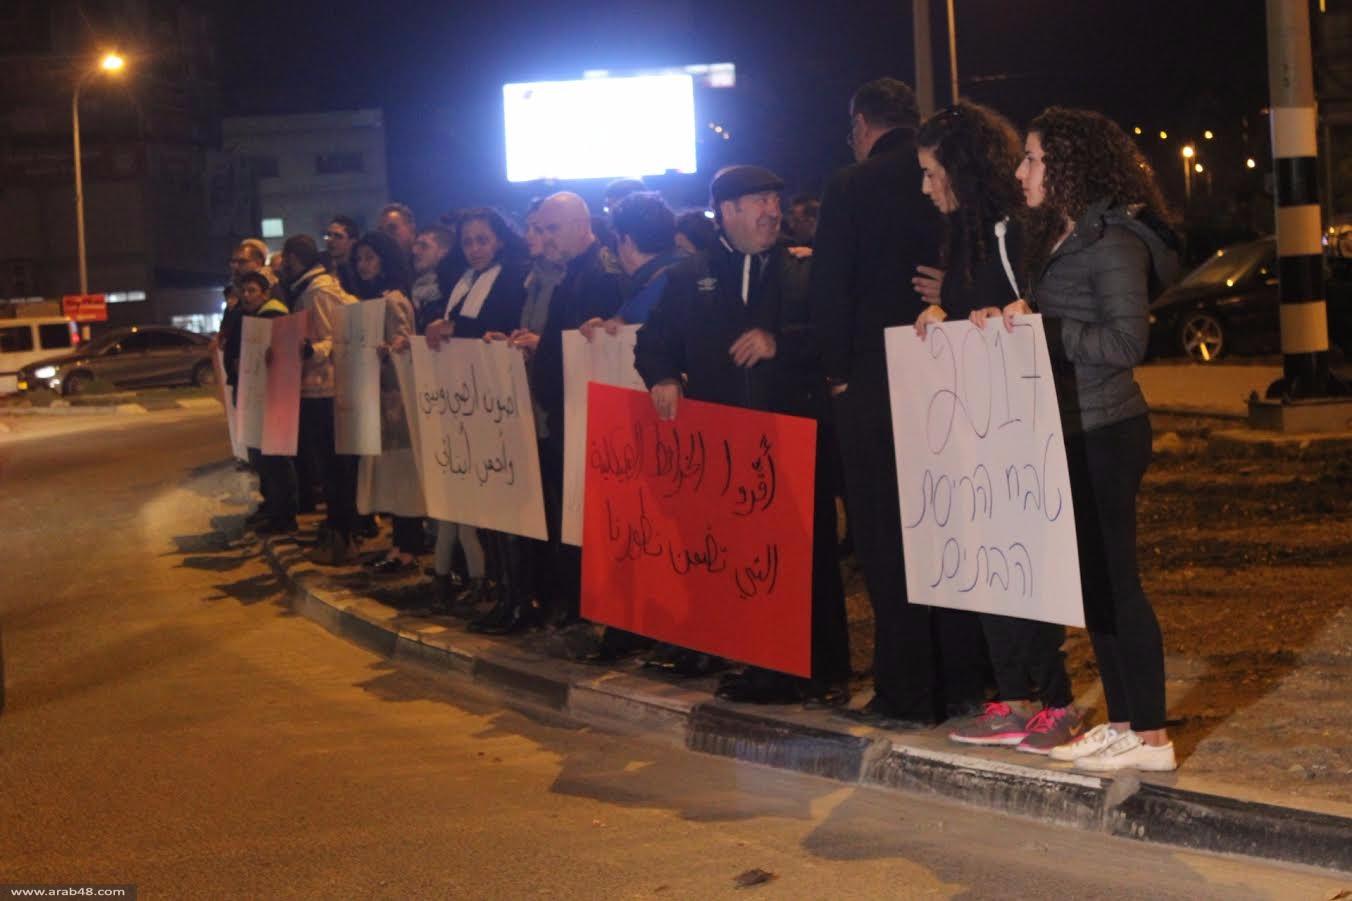 من الناصرة إلى أم الحيران: شعب واحد... ألم واحد